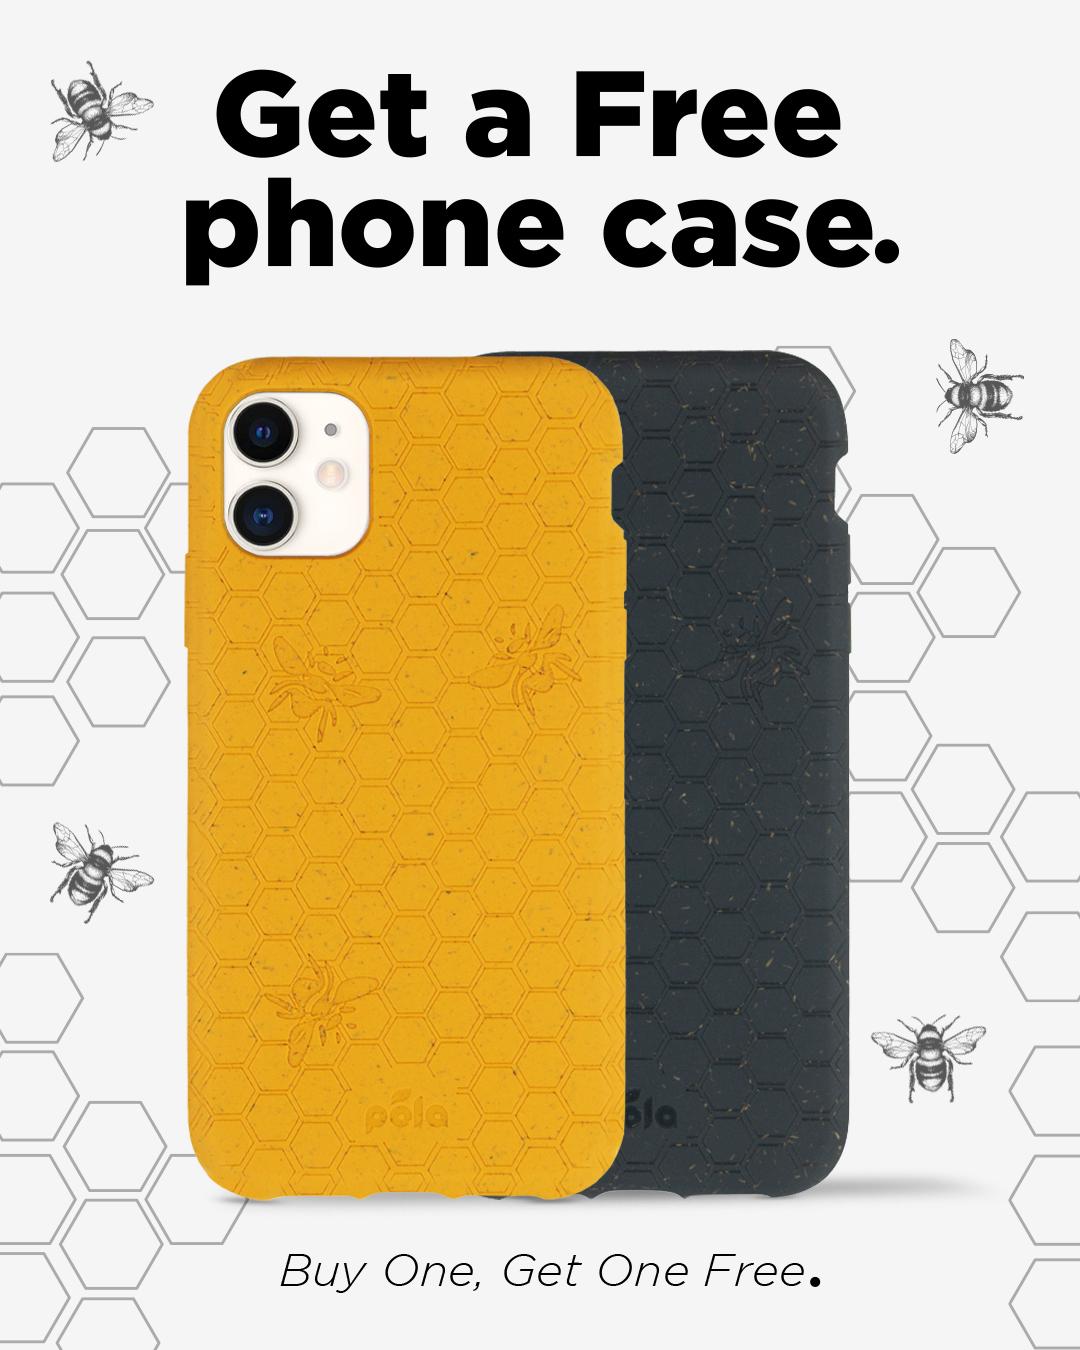 PelaCase phone